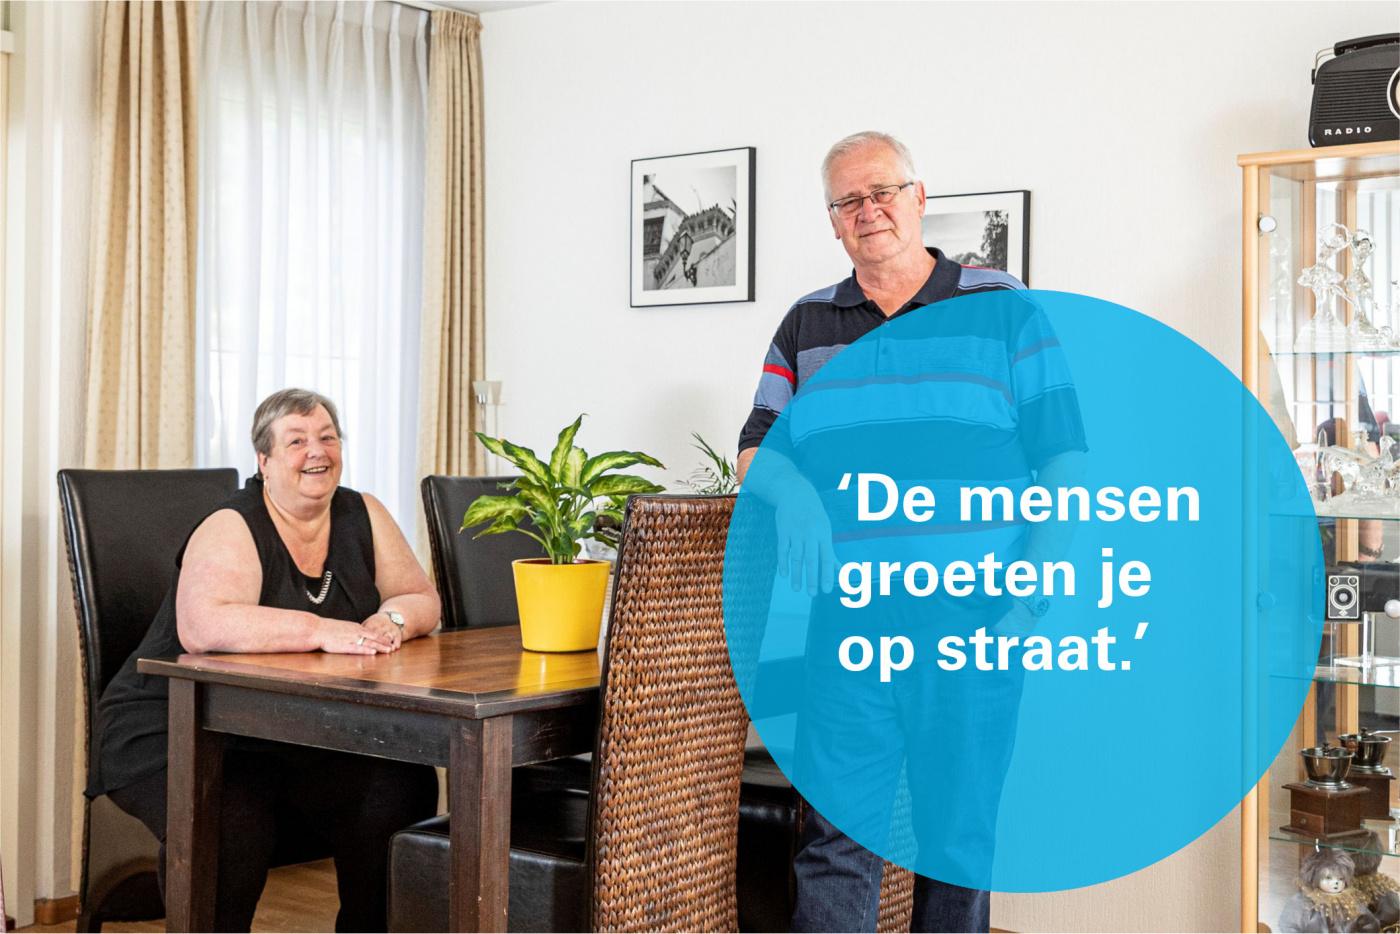 'De mensen groeten je op straat'